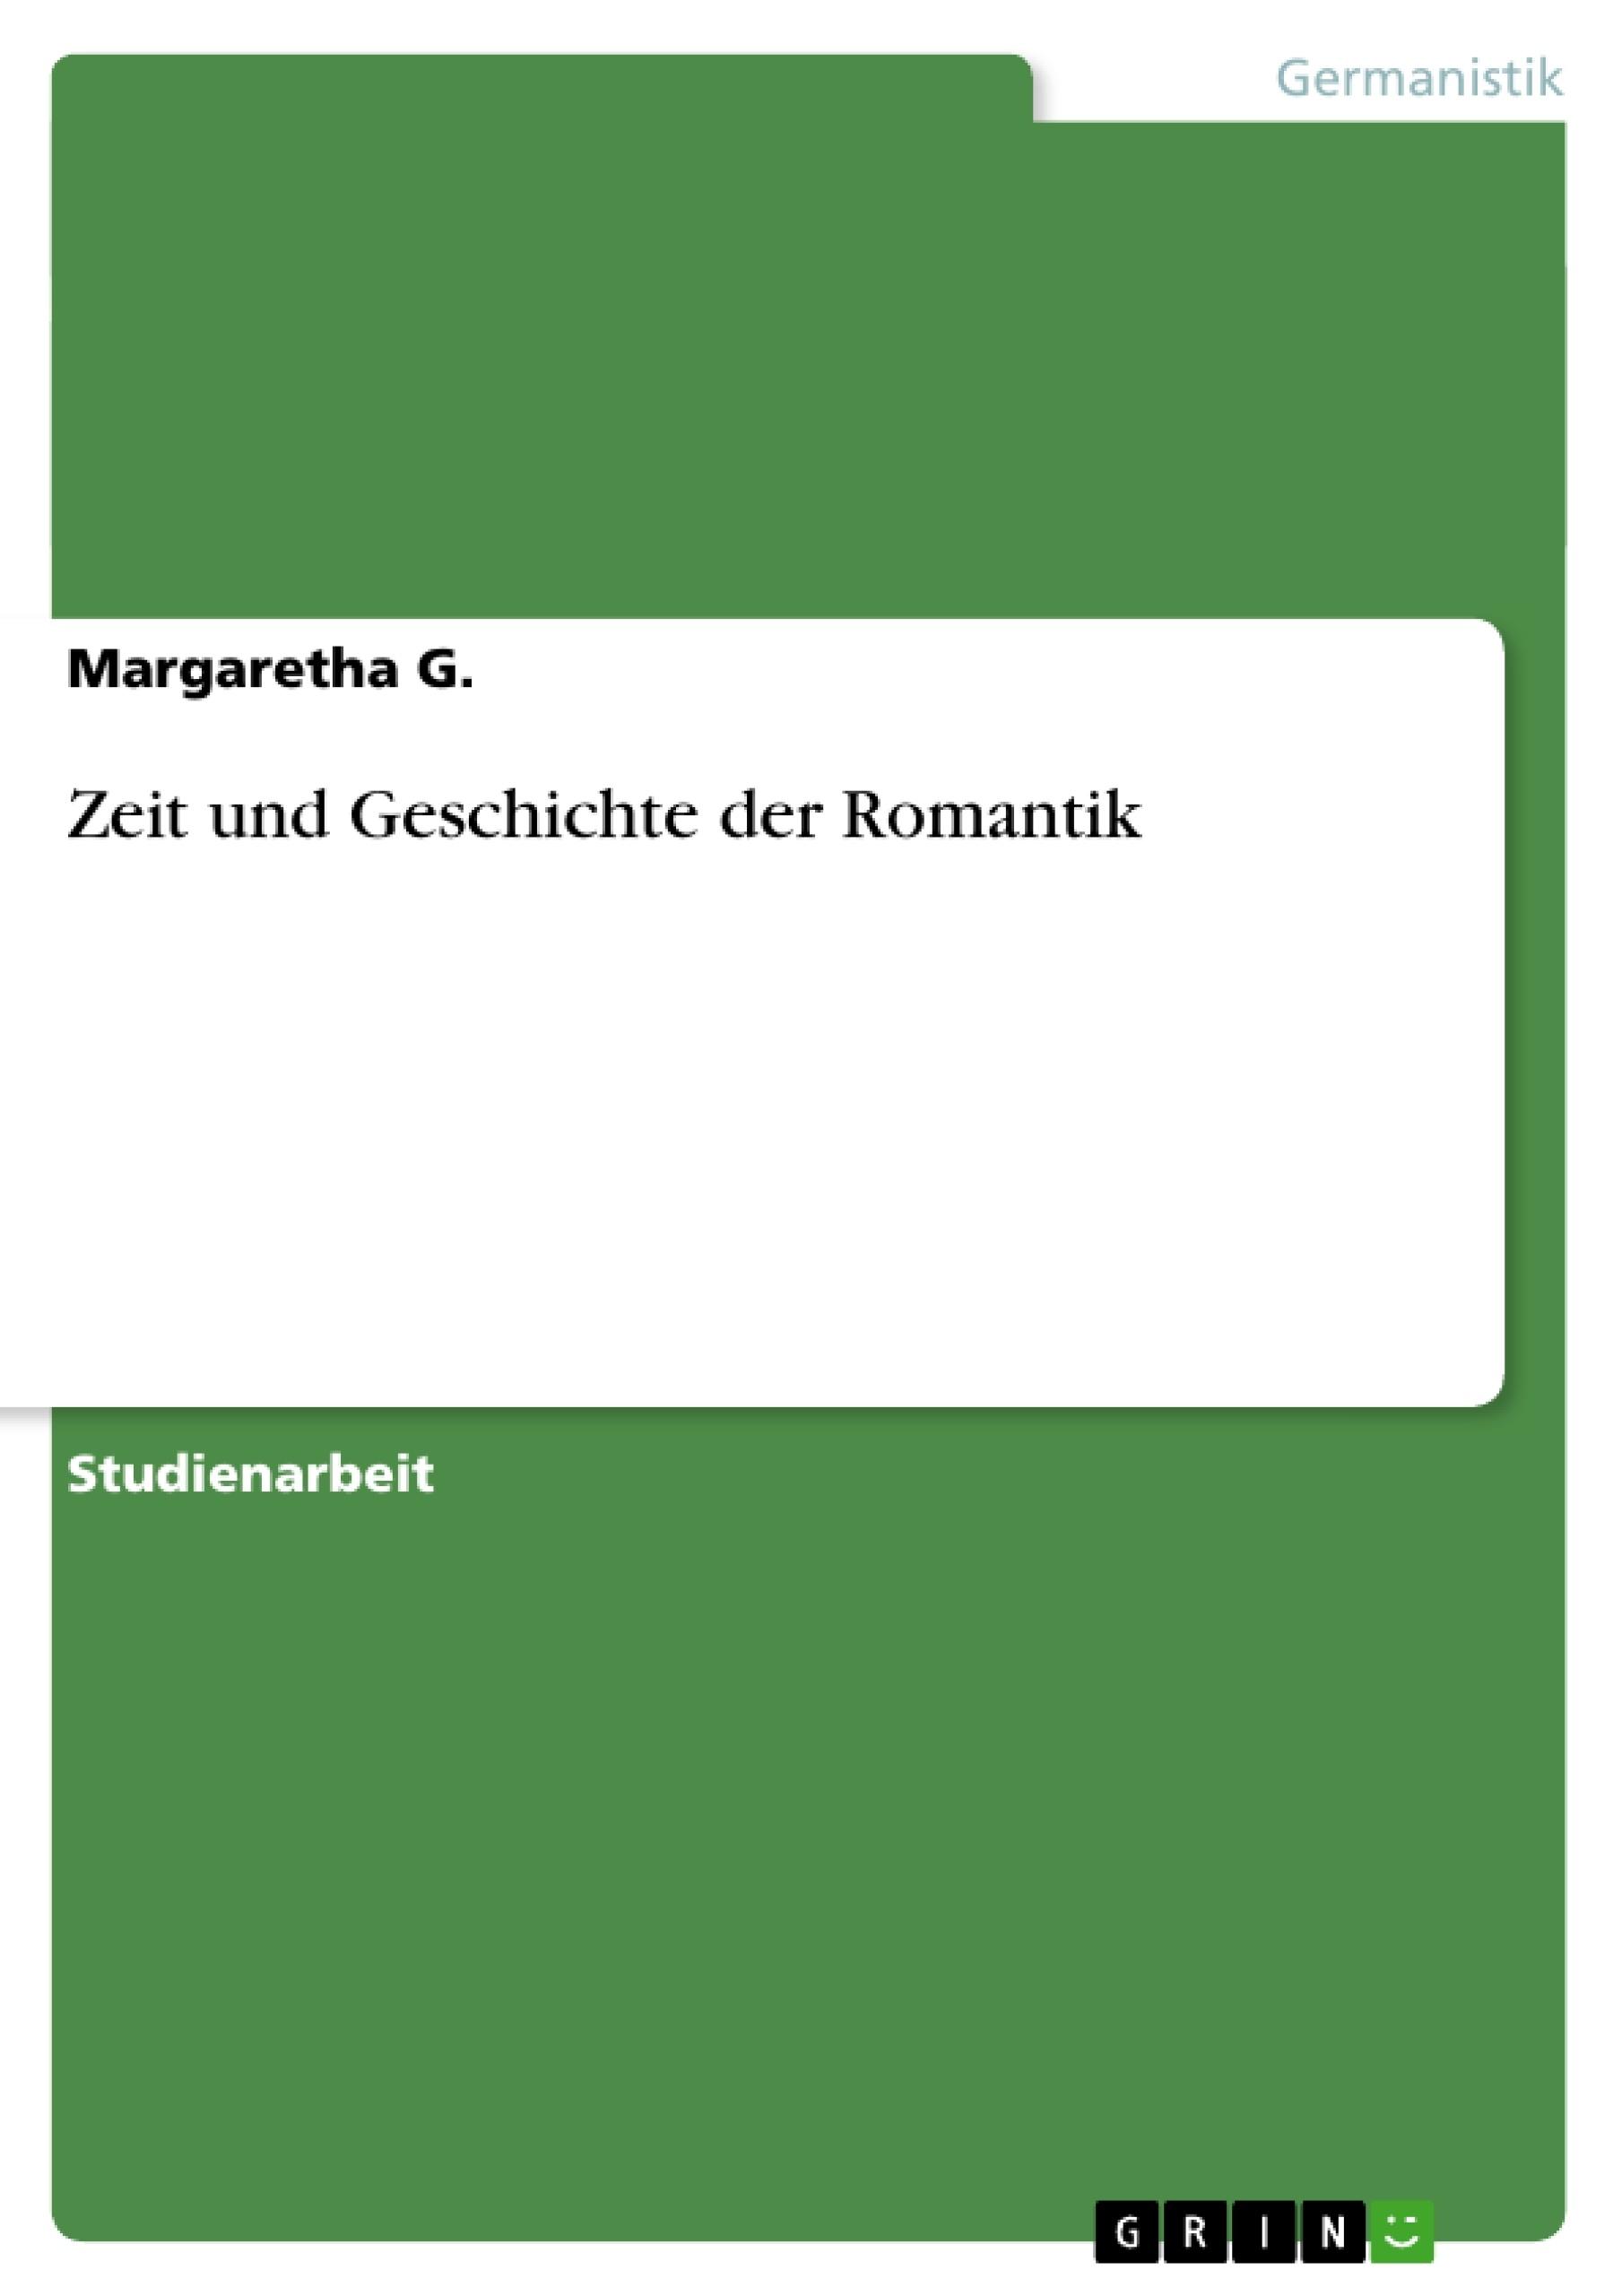 Titel: Zeit und Geschichte der Romantik